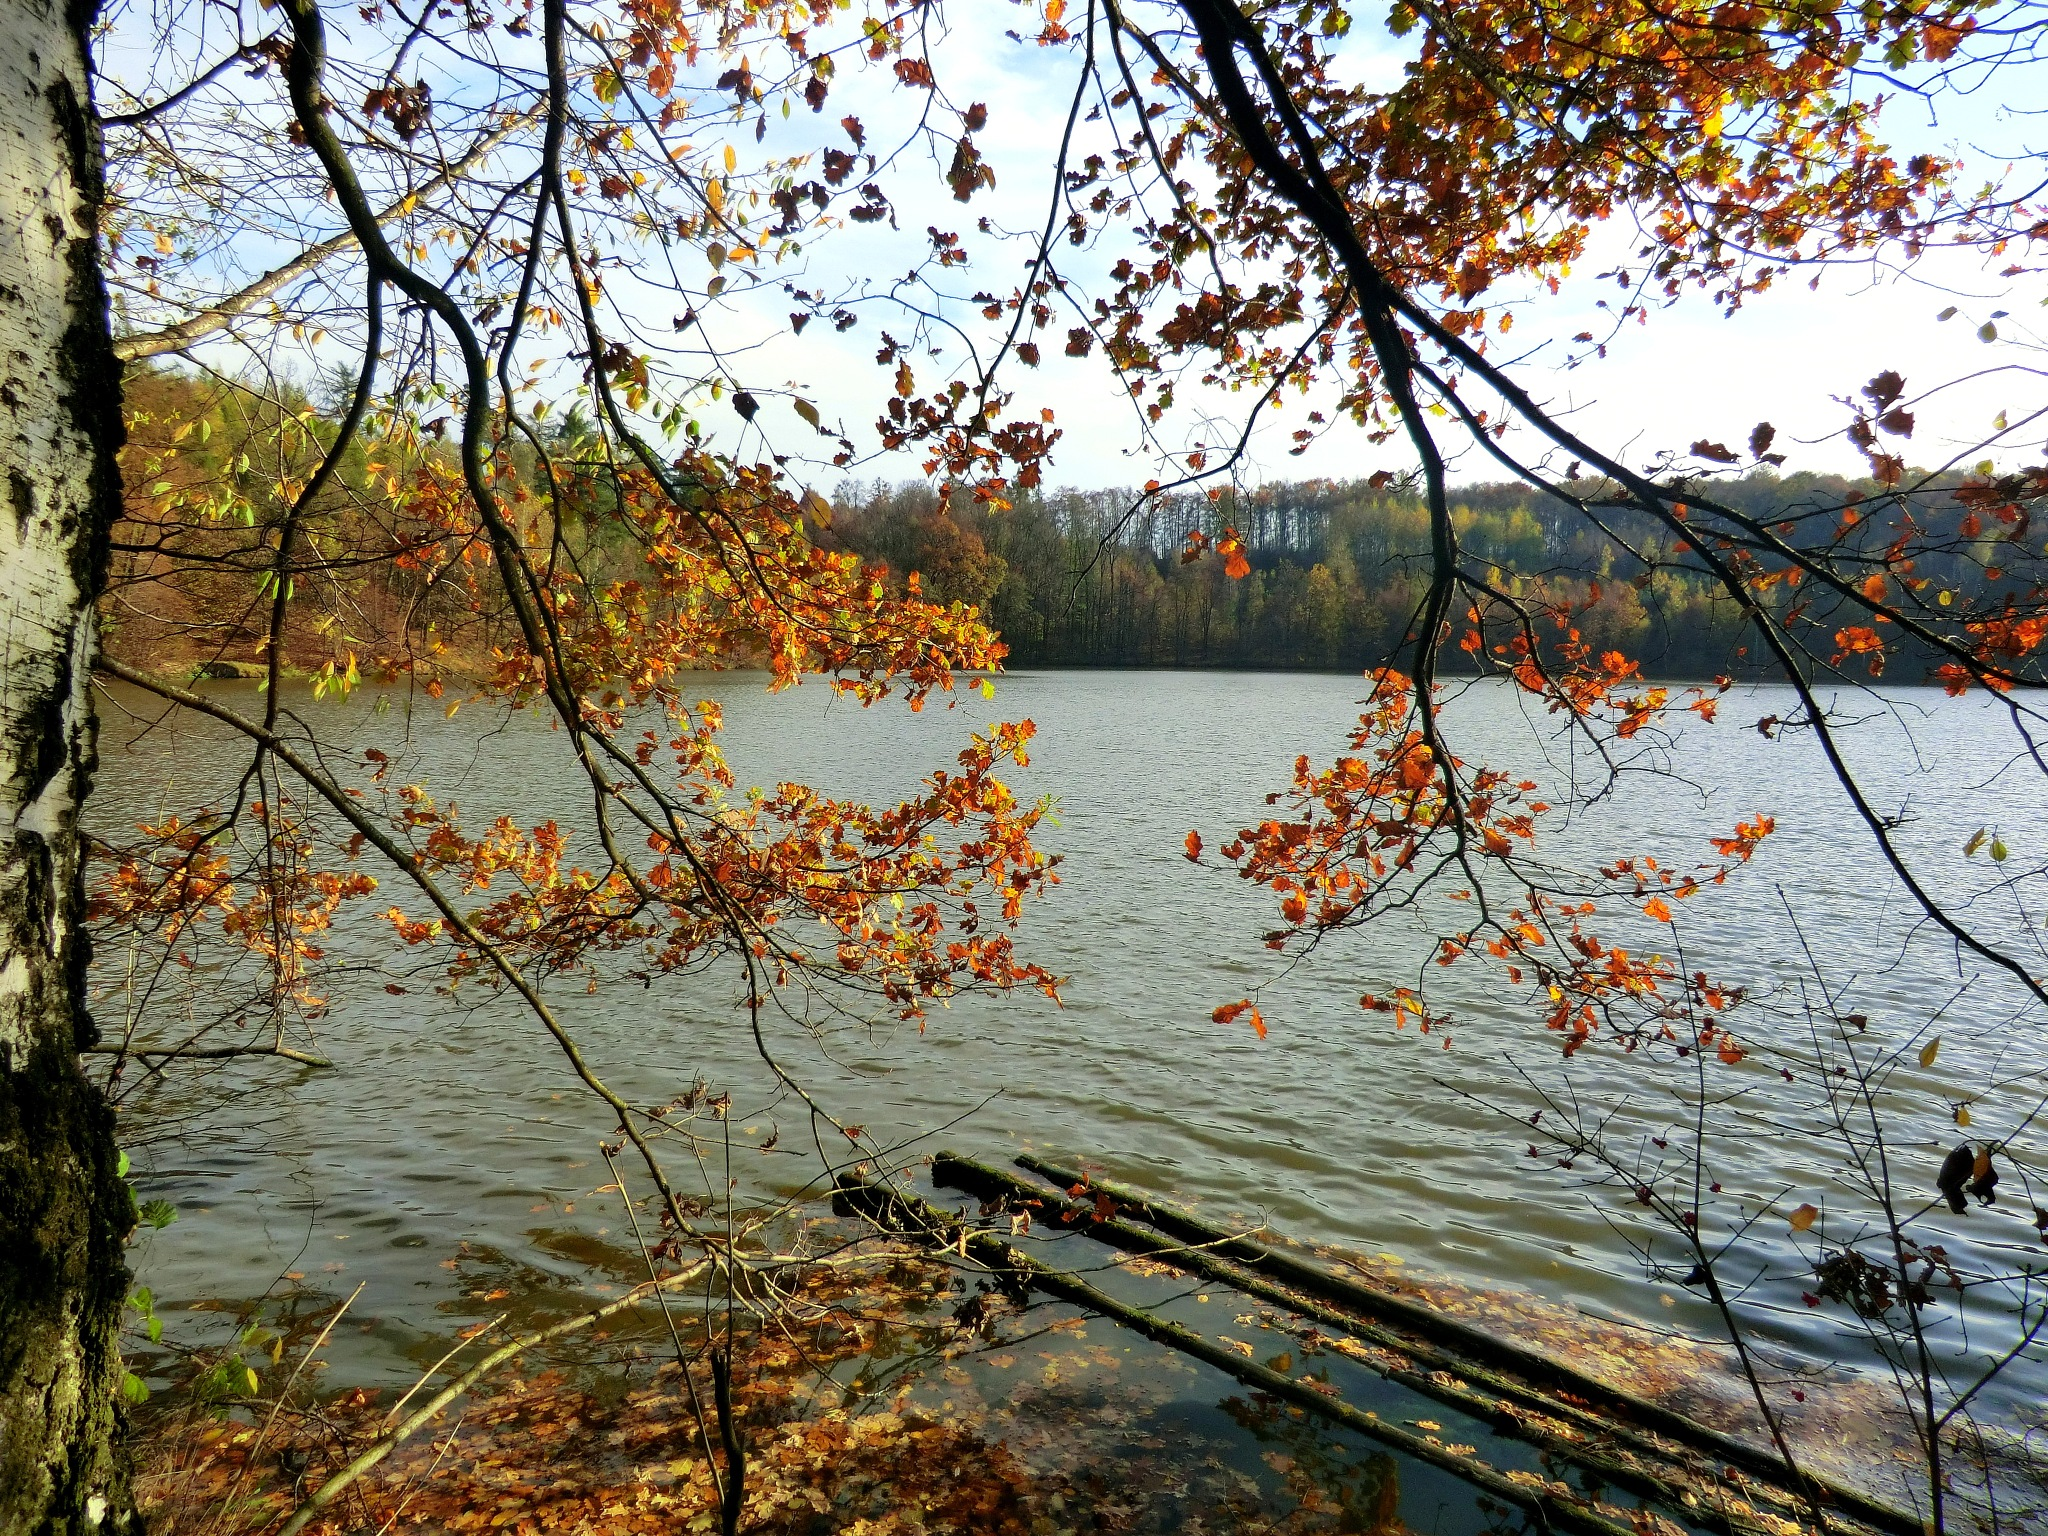 Autumn mood by magdalenahudranova